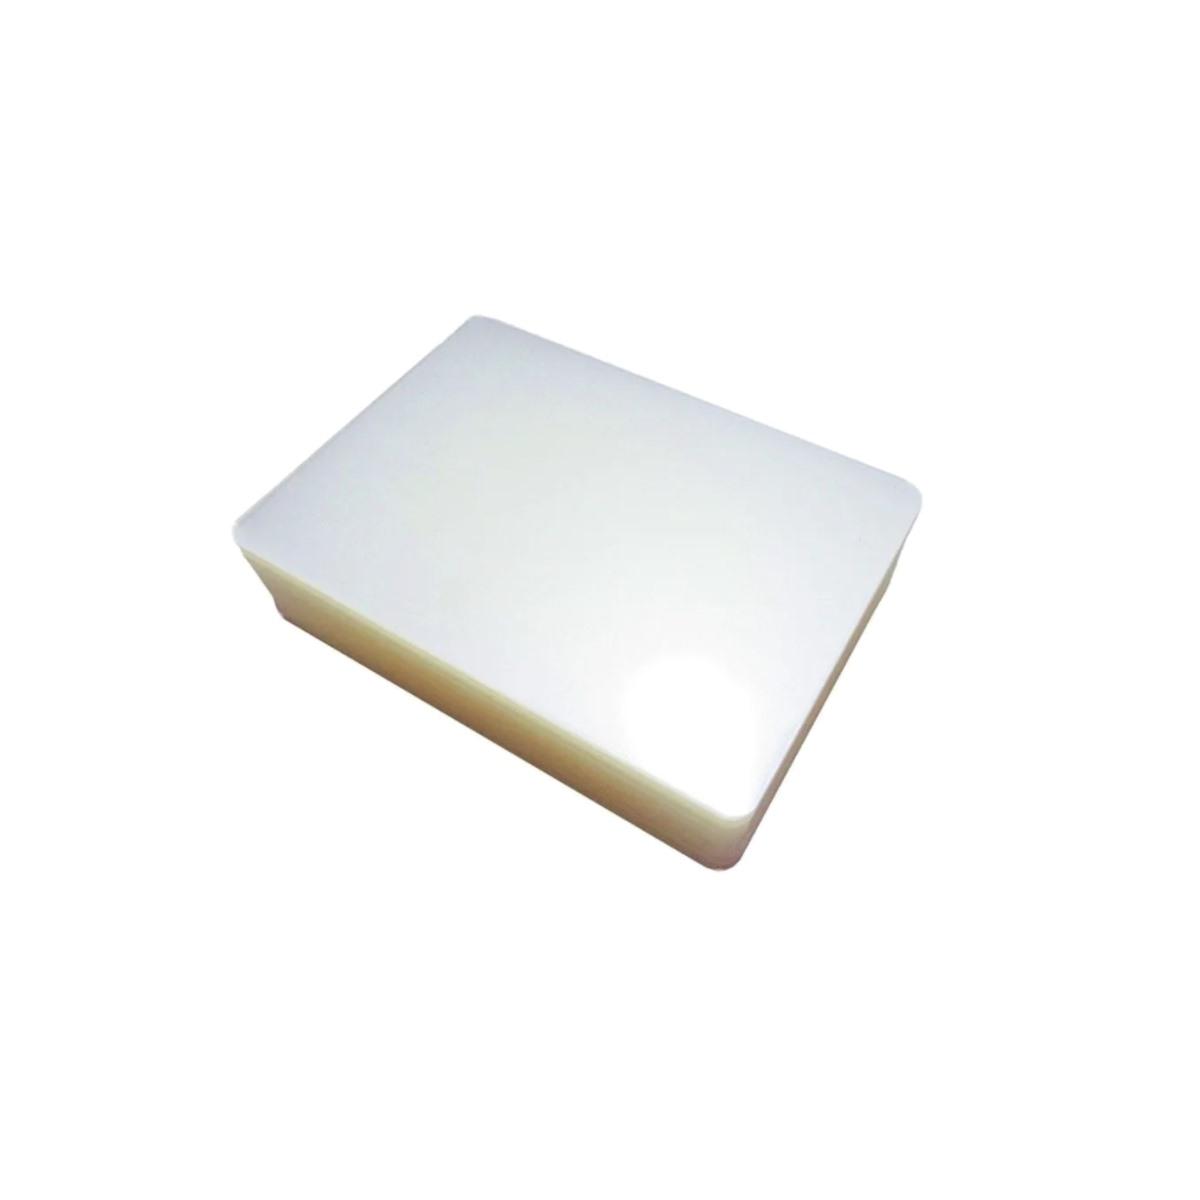 Polaseal plástico para plastificação A3 303x426 0,05 mm 100un